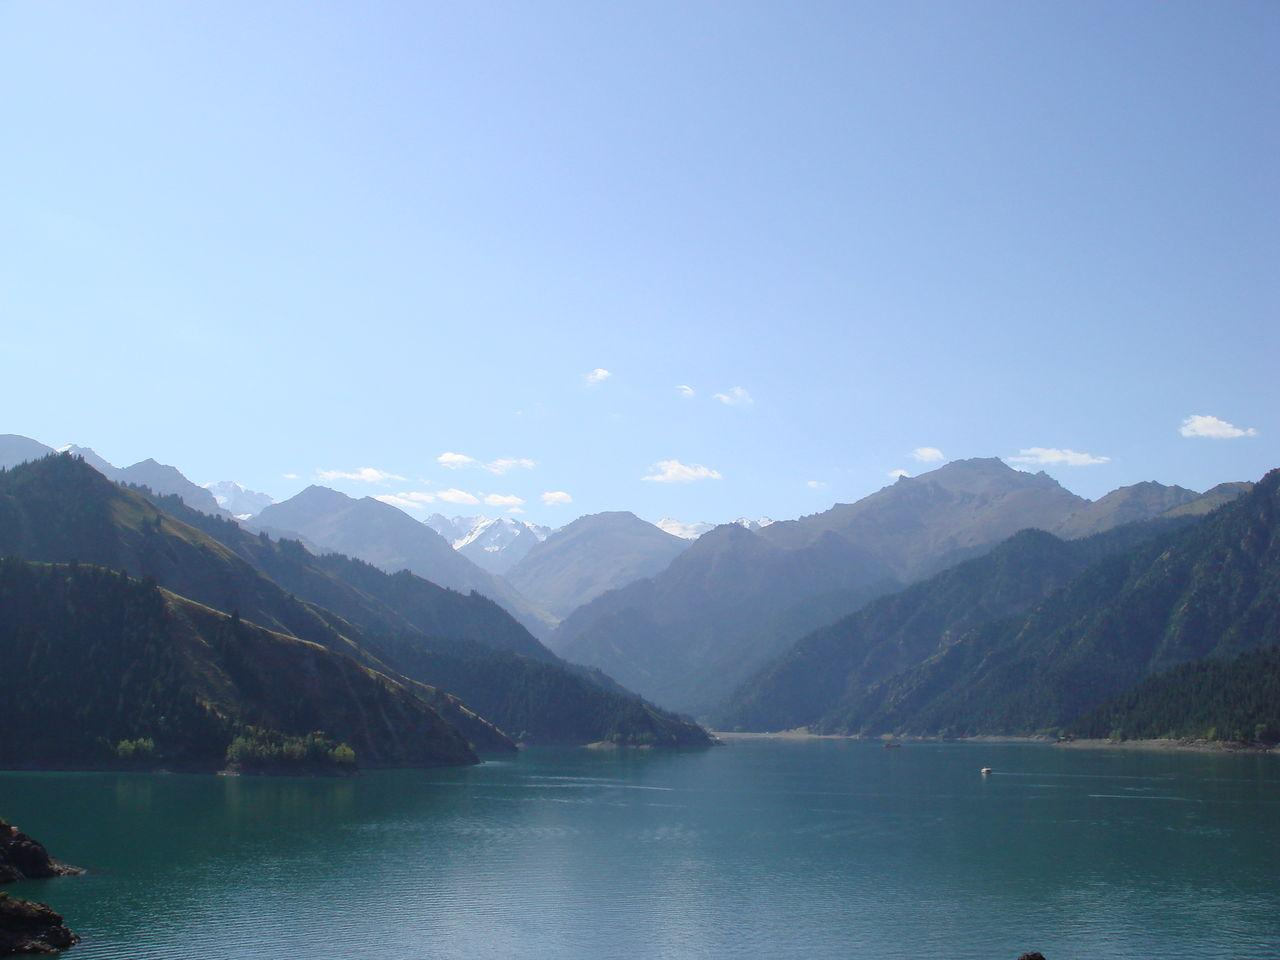 [天池-吐鲁番-喀纳斯-那拉提汽车10日]全程汽车环游,经济实惠,不错过沿途的好风景